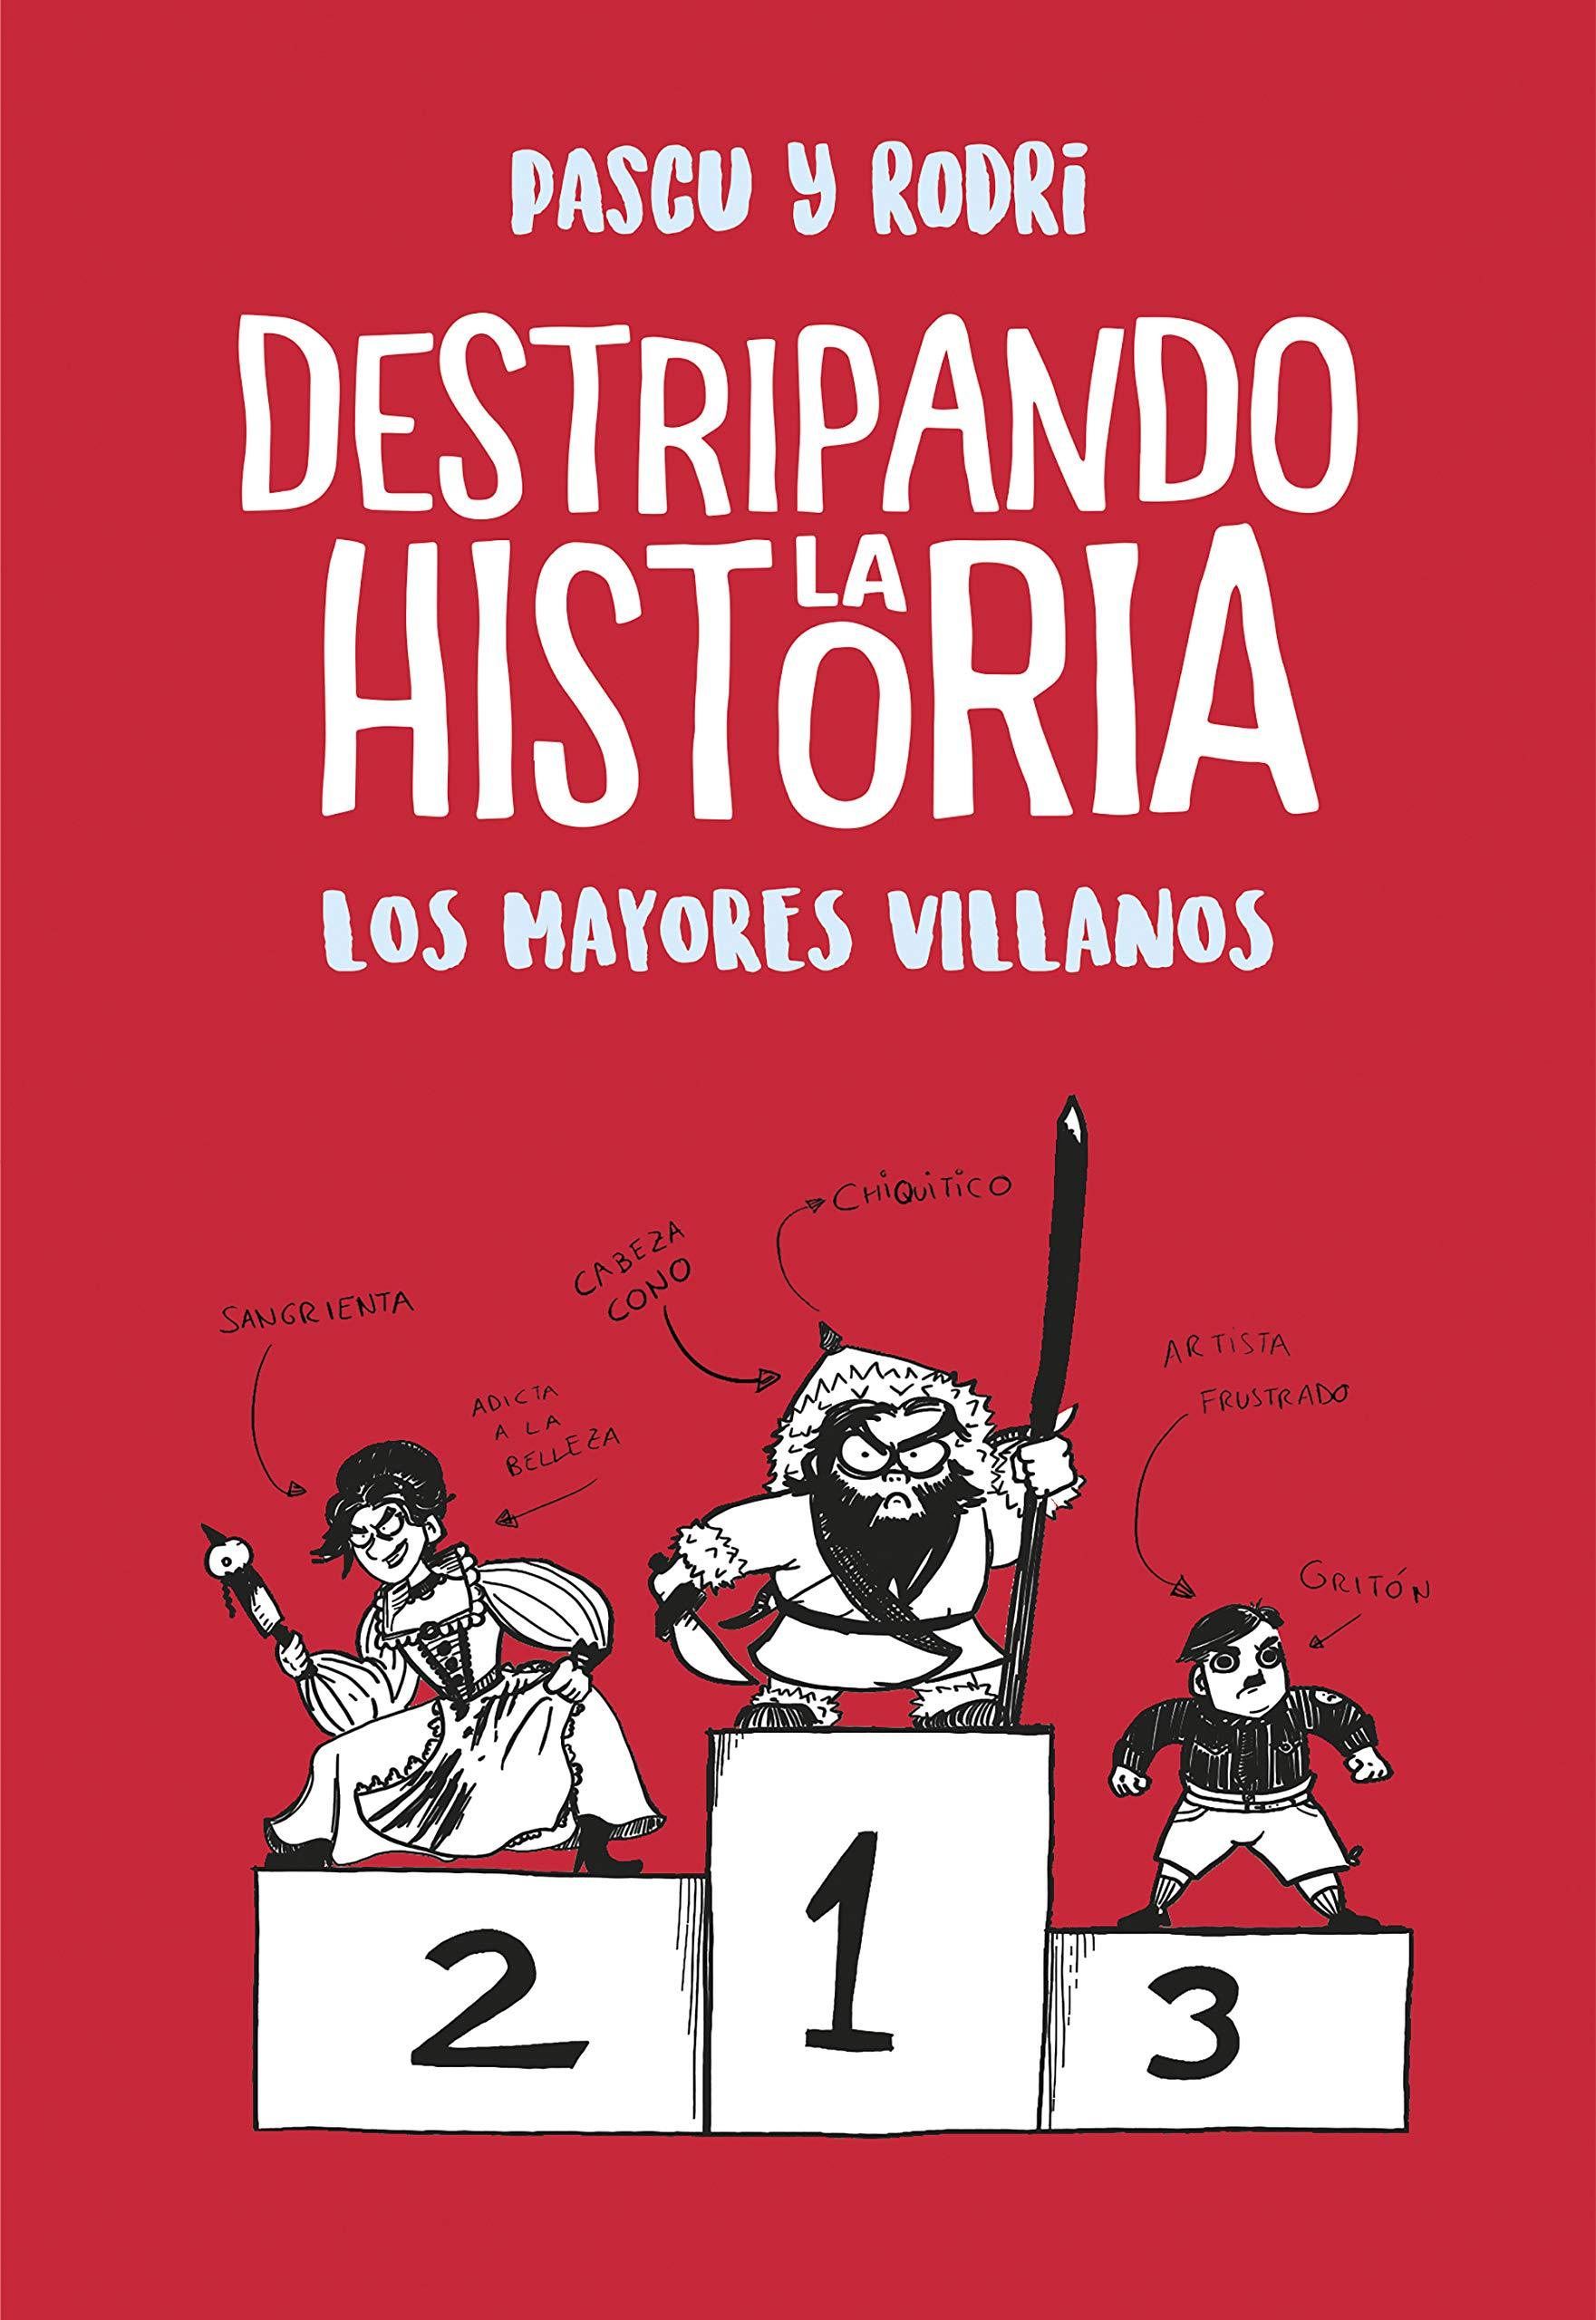 Los mayores villanos (Destripando la historia): Amazon.es: Septién, Rodrigo, Pascual, Álvaro: Libros